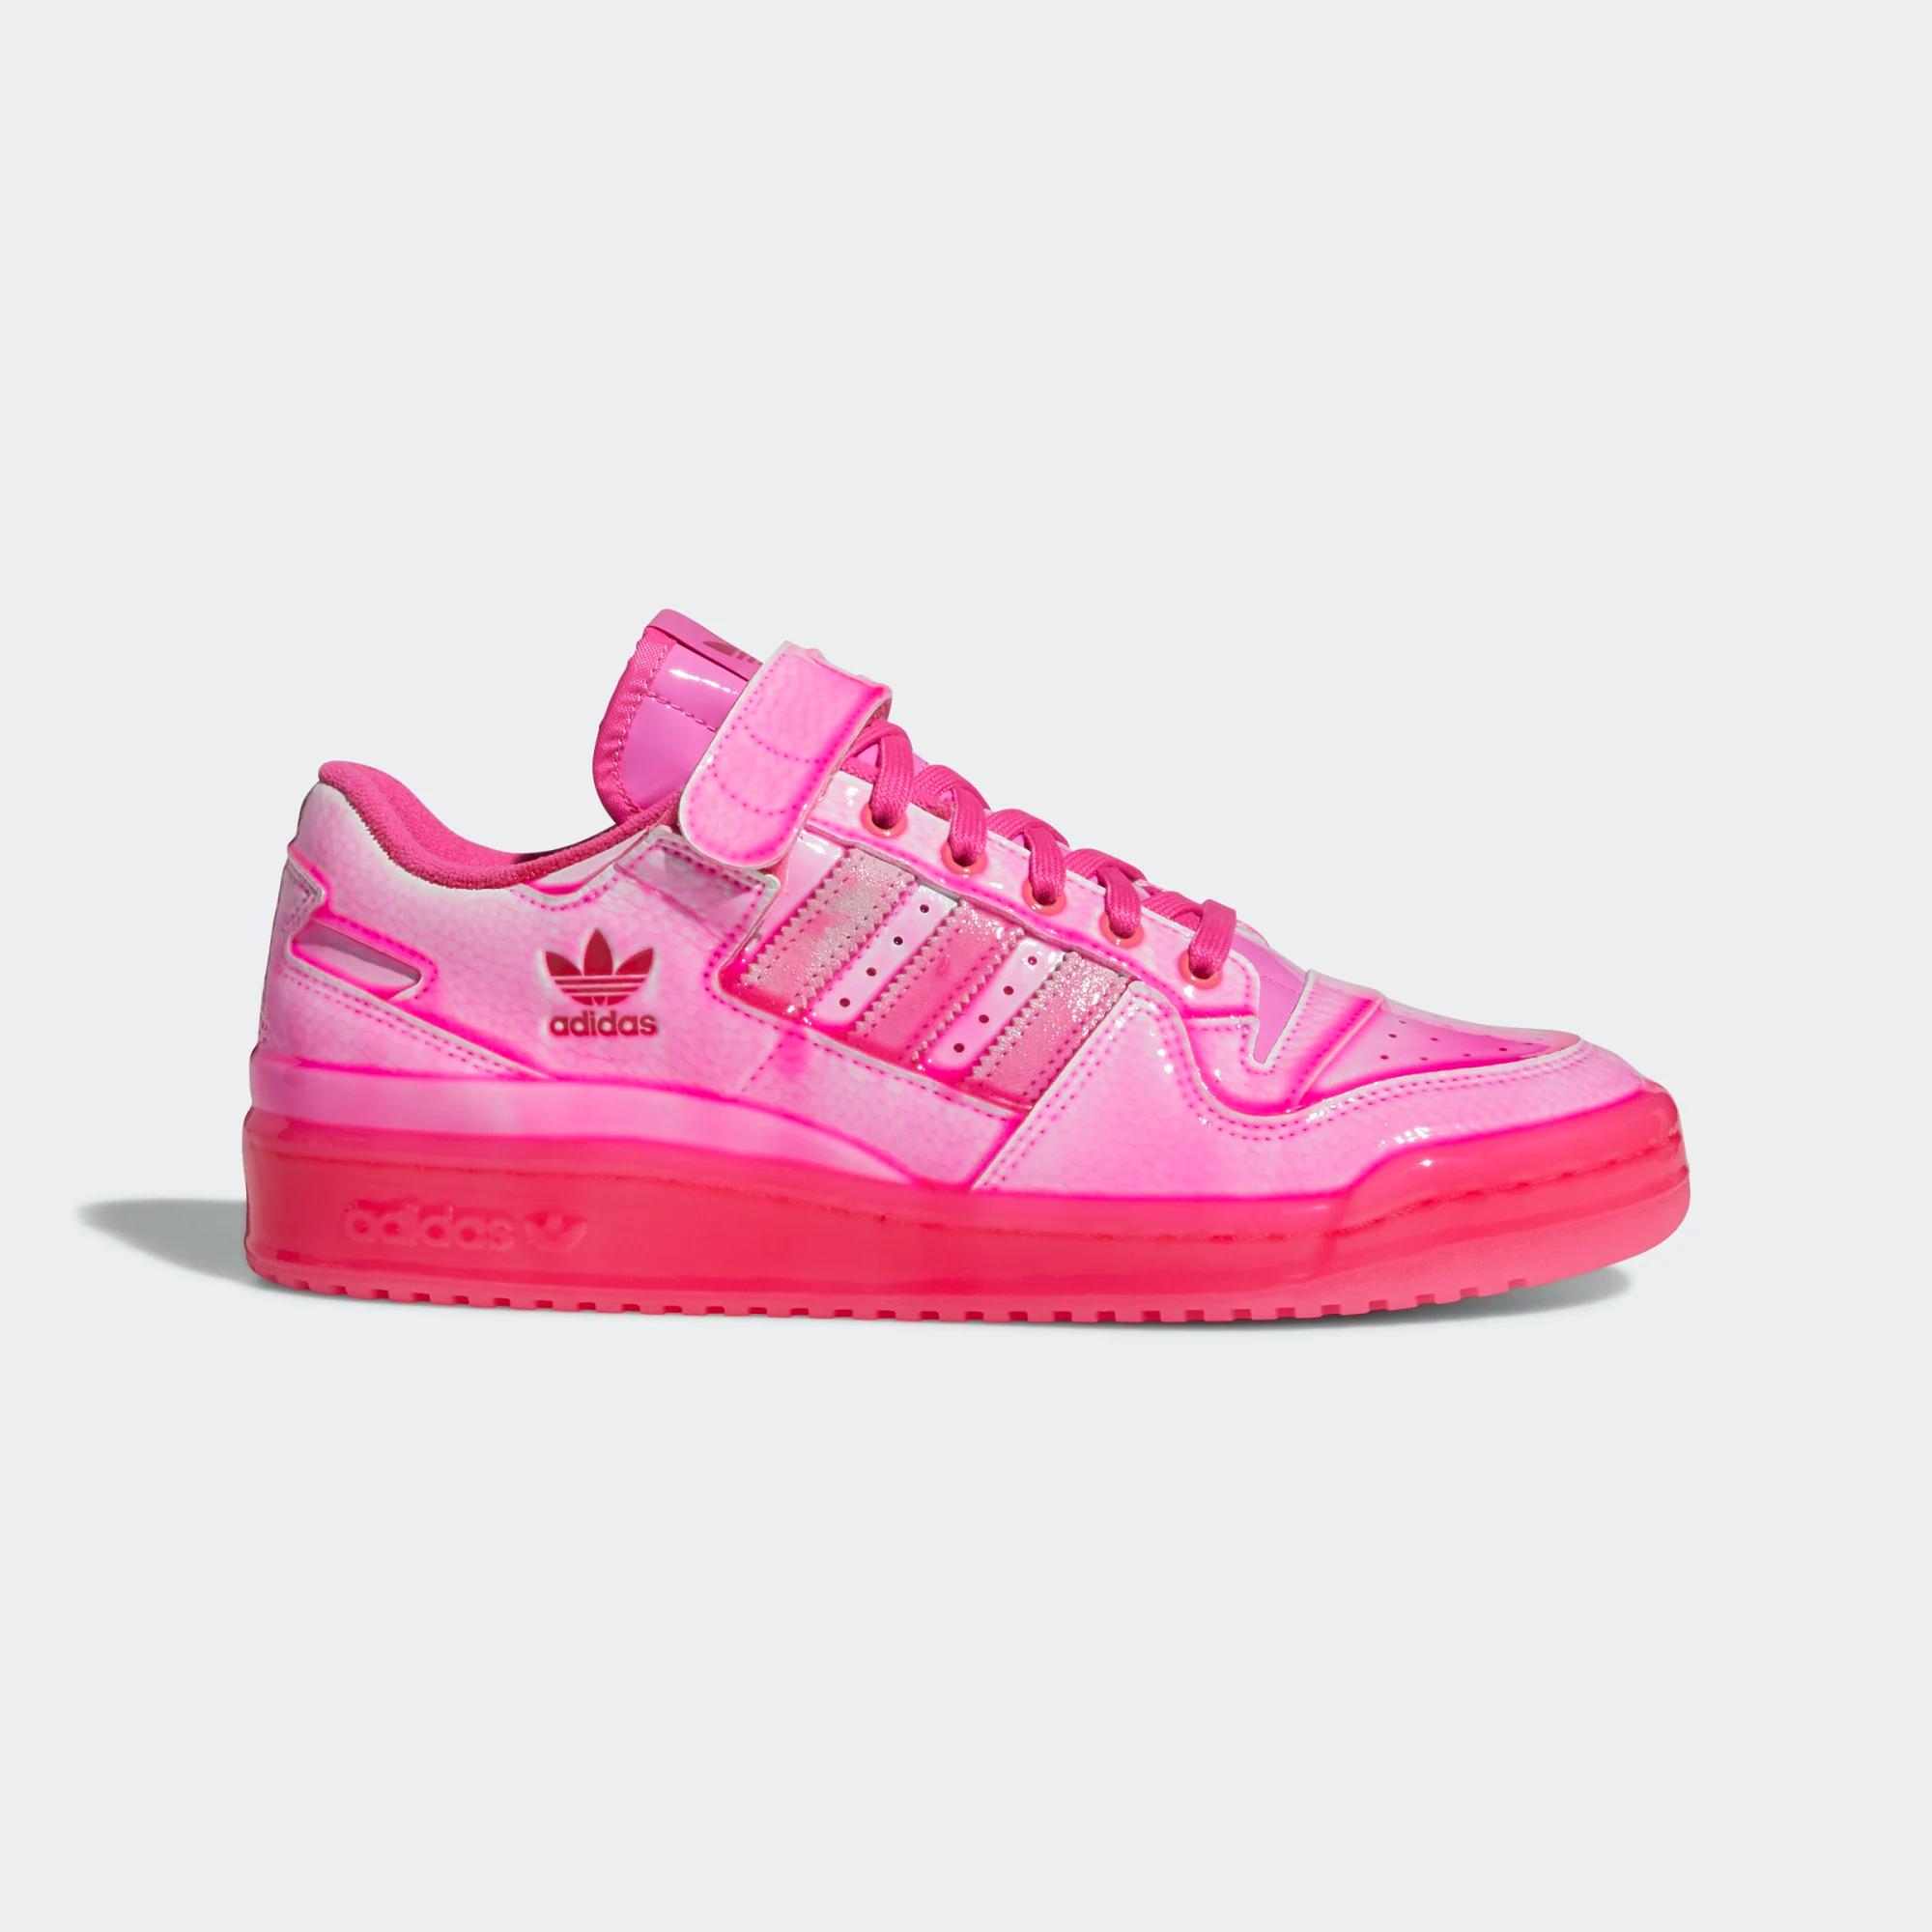 Jeremy Scott x adidas Forum 'Solar Pink'